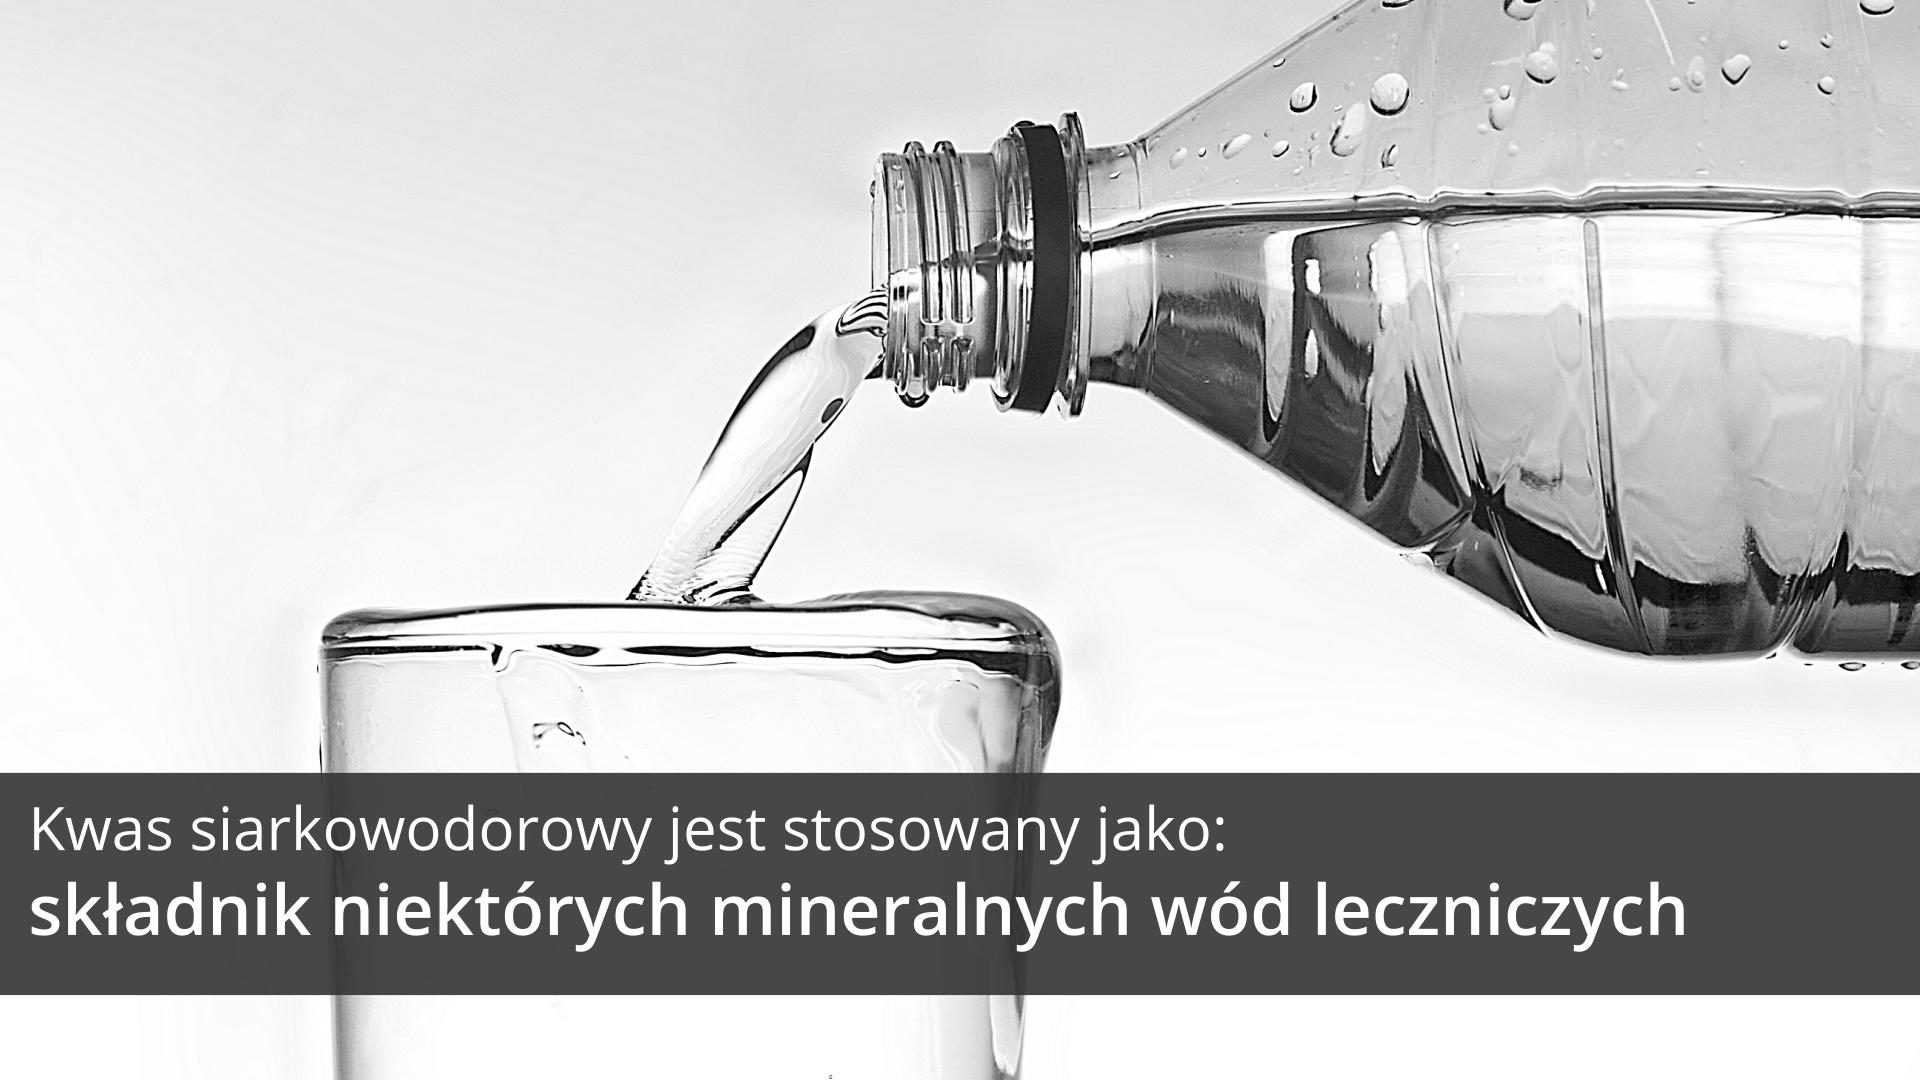 Druga ilustracja galerii przedstawia czarno białe zbliżenie wody nalewanej zplastikowej butelki do szklanki. Woda wszklance przelewa się przez krawędź pełnej szklanki. Na tle obrazka wdolnej części ilustracji znajduje się ciemnoszary pasek, na którym umieszczono jasny napis: Kwas siarkowodorowy jest stosowany jako składnik niektórych mineralnych wód leczniczych.